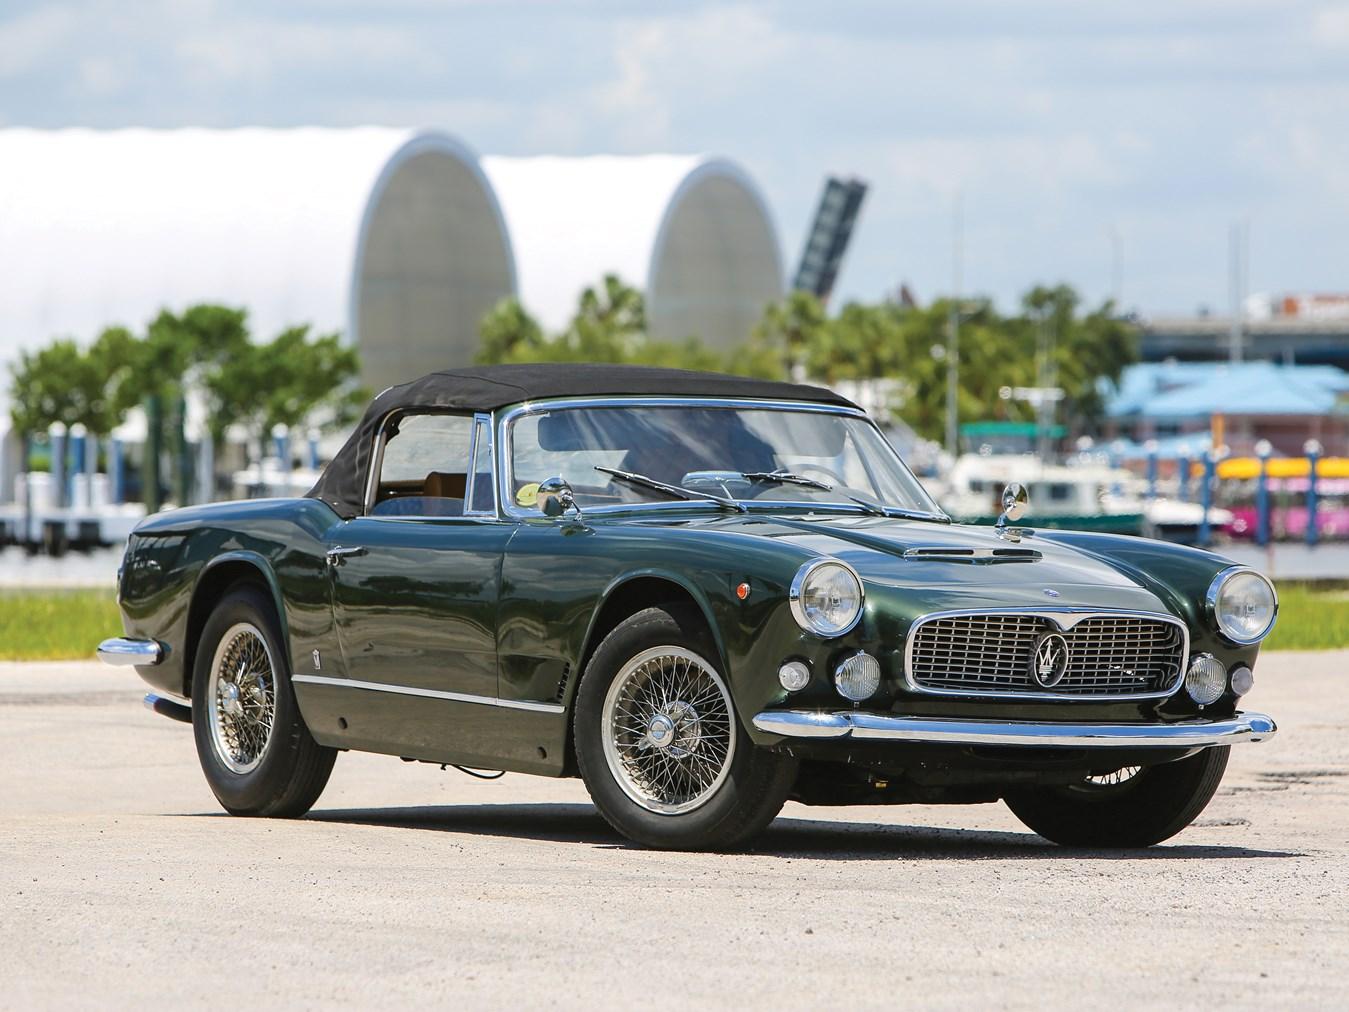 1960 Maserati 3500 GT Spyder by Vignale